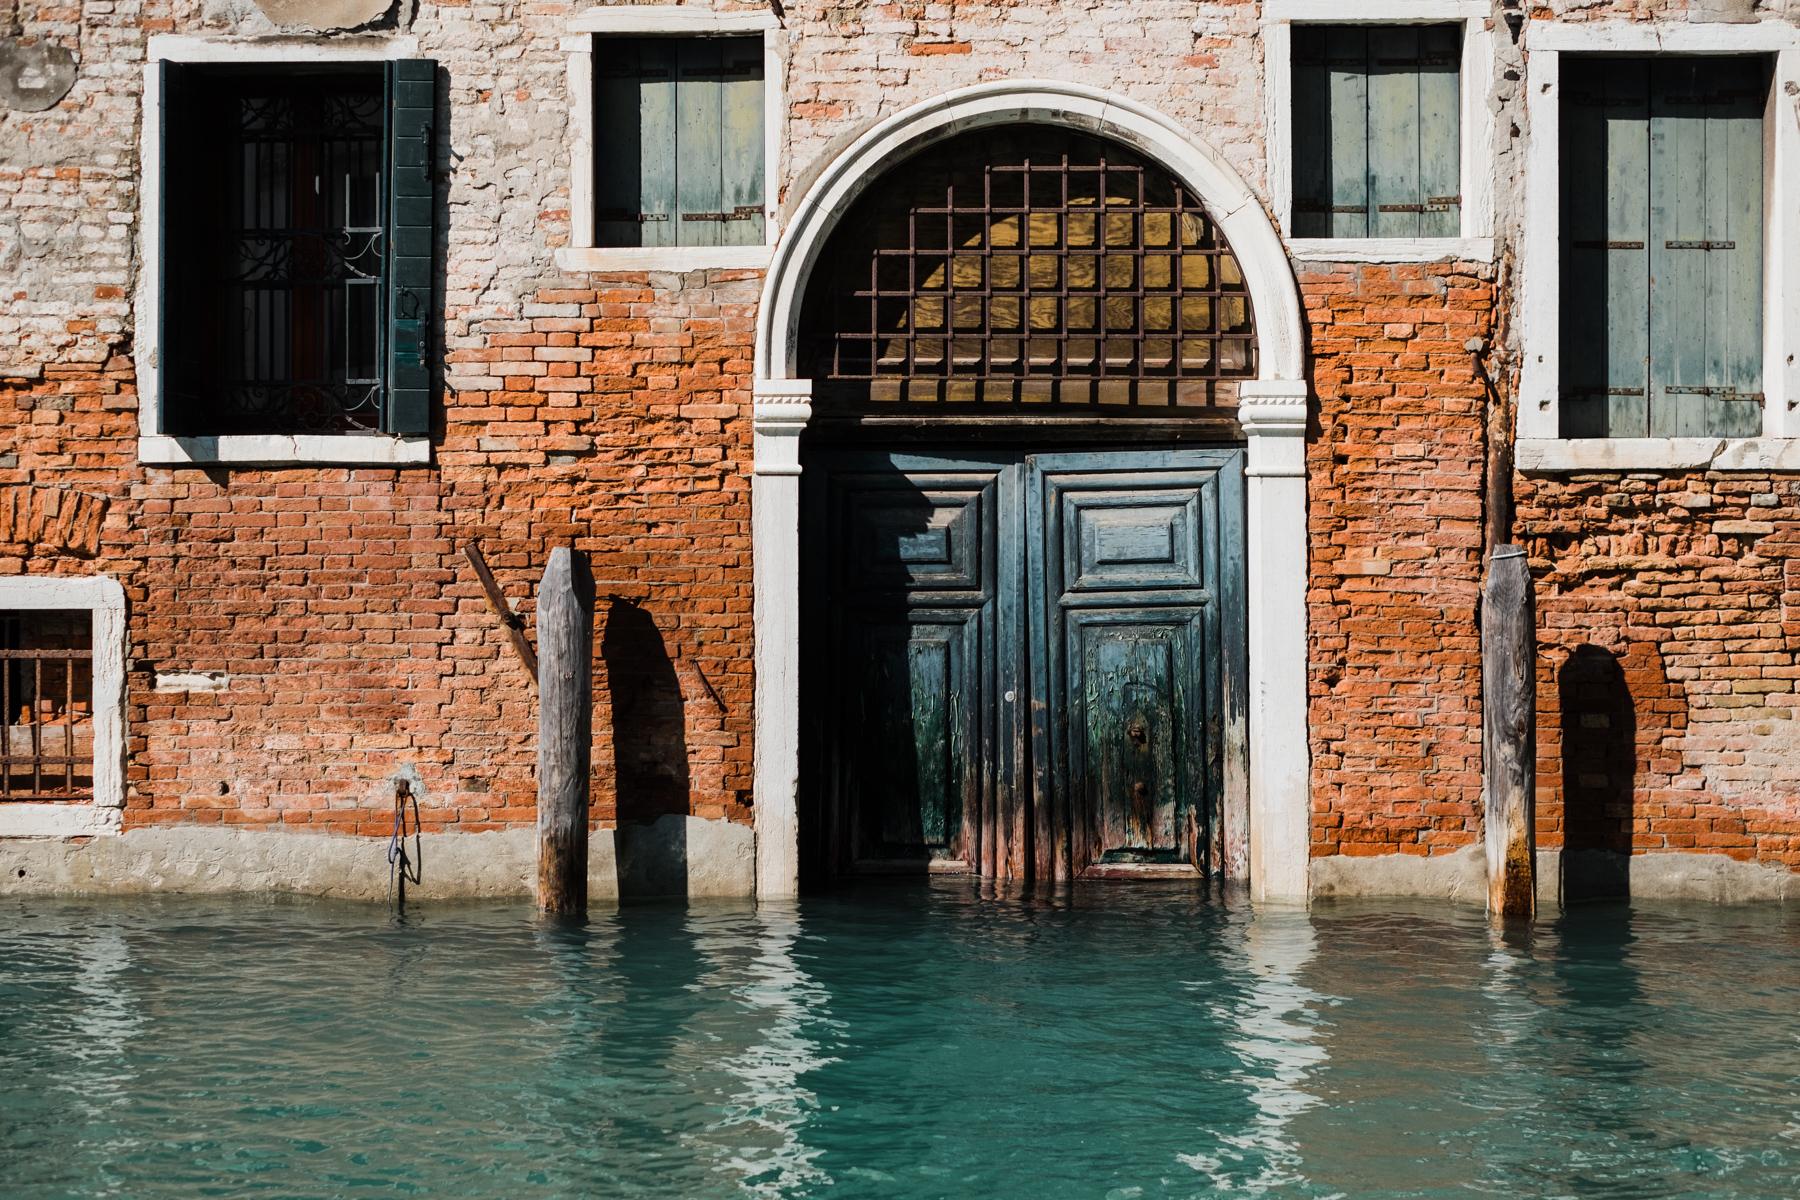 Venice_deersphotography-298